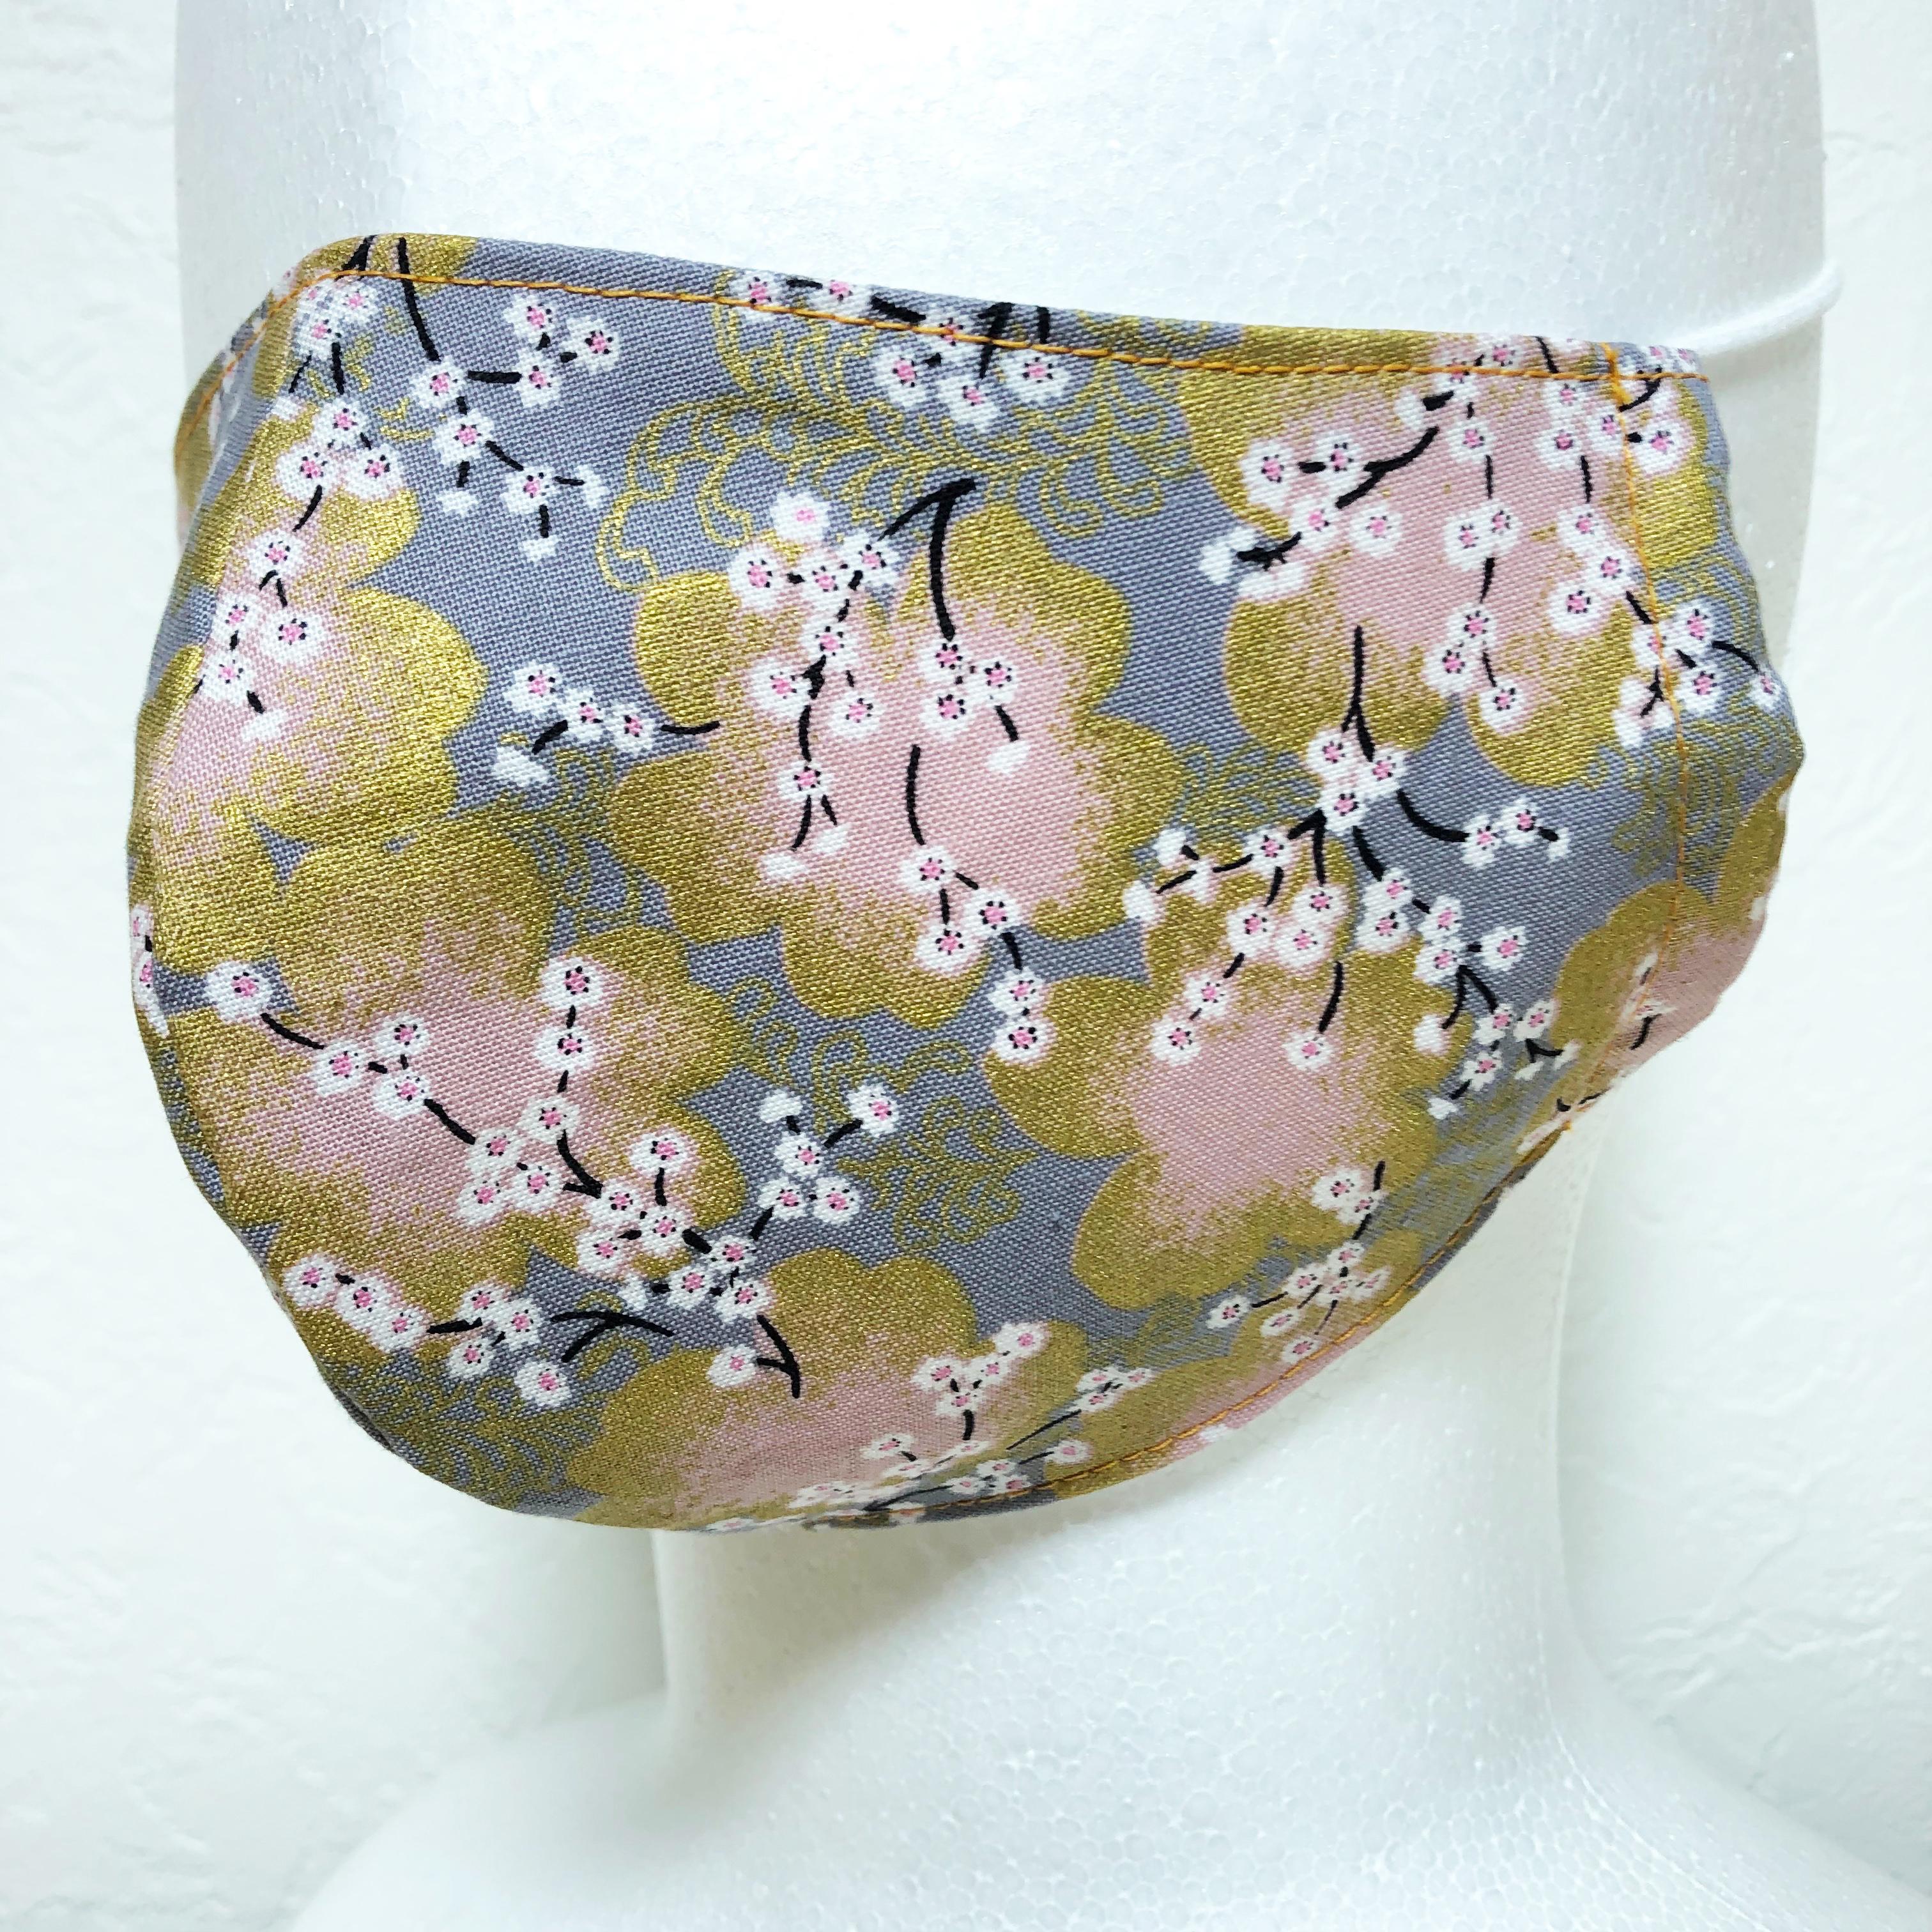 立体マスク 桜 和柄 布マスク 大人サイズ ゴム紐使用